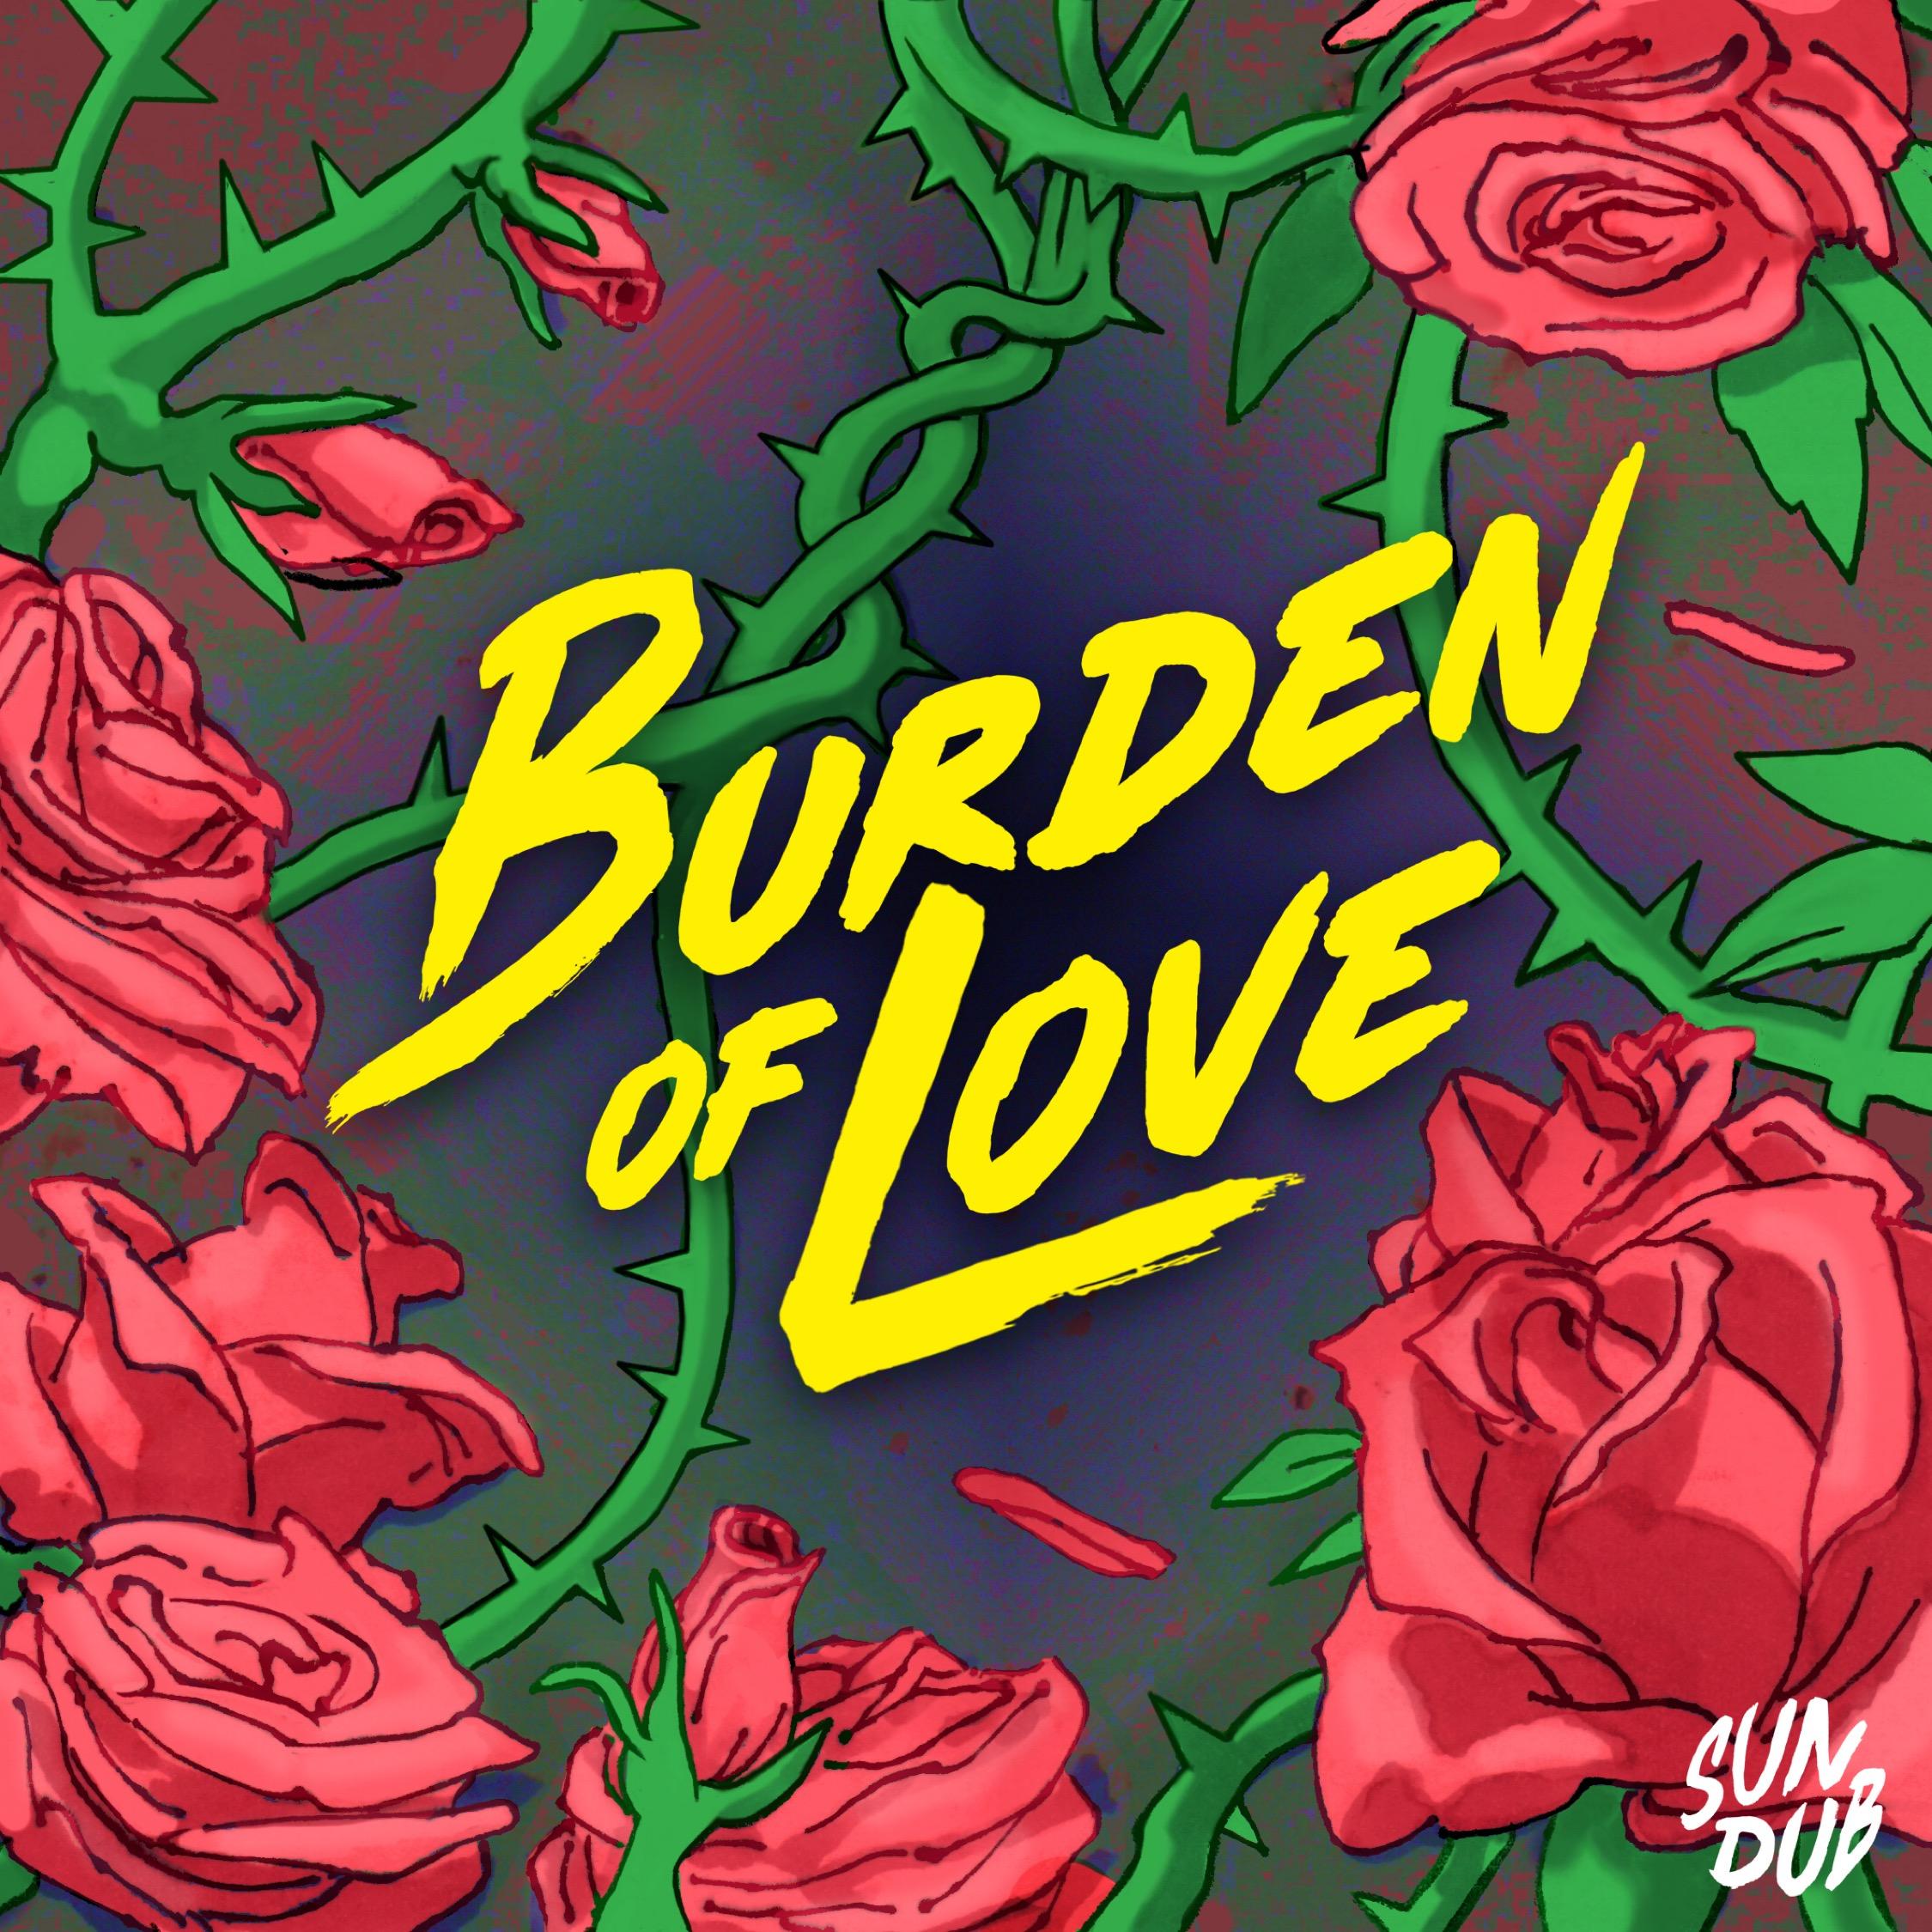 SUNDUB - Burden of Love (single)